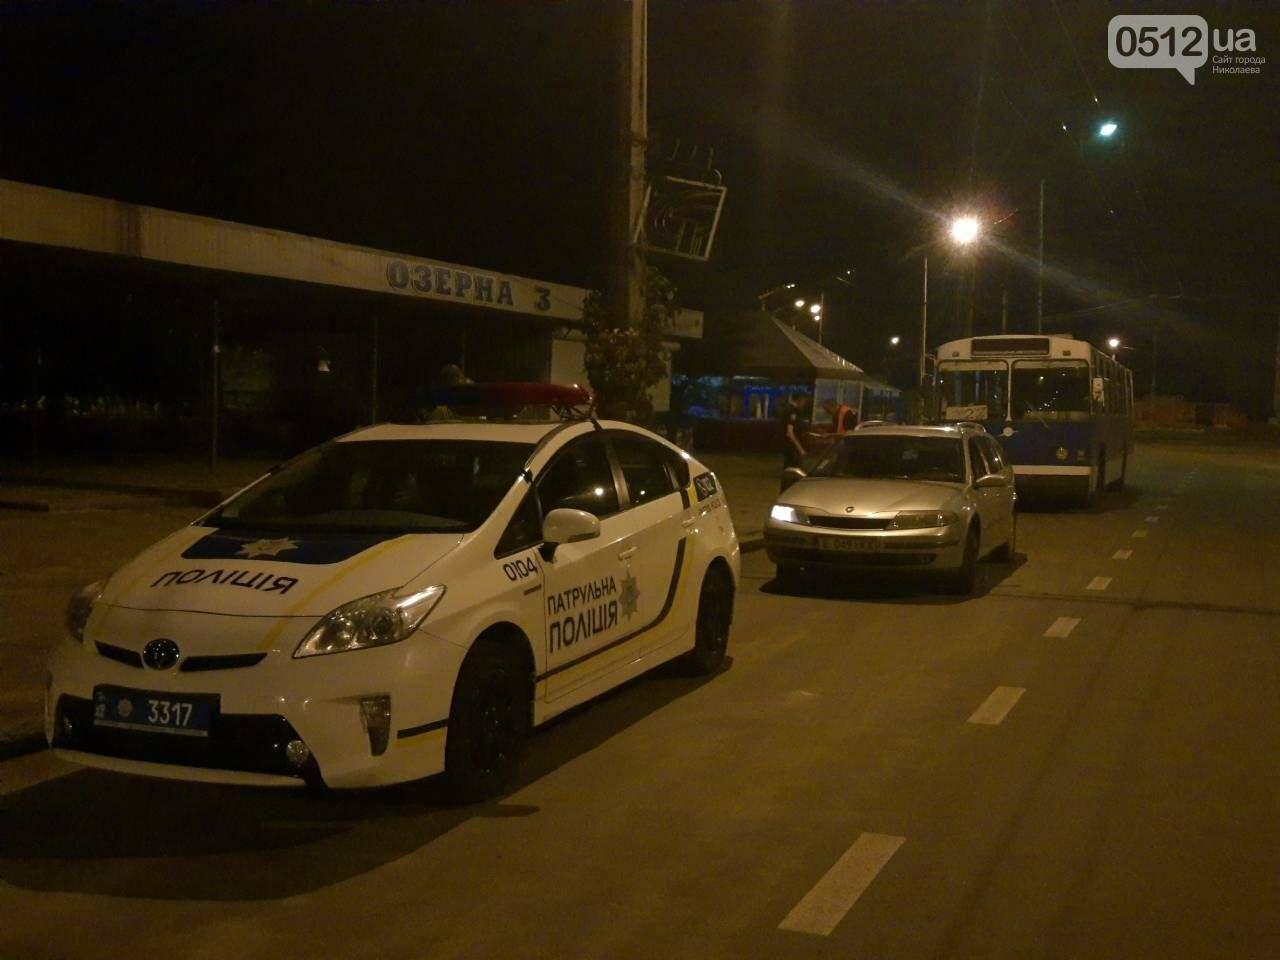 В Николаеве водитель троллейбуса №2 захлопнул двери и чуть не переехал ребенка, - ФОТО, фото-3